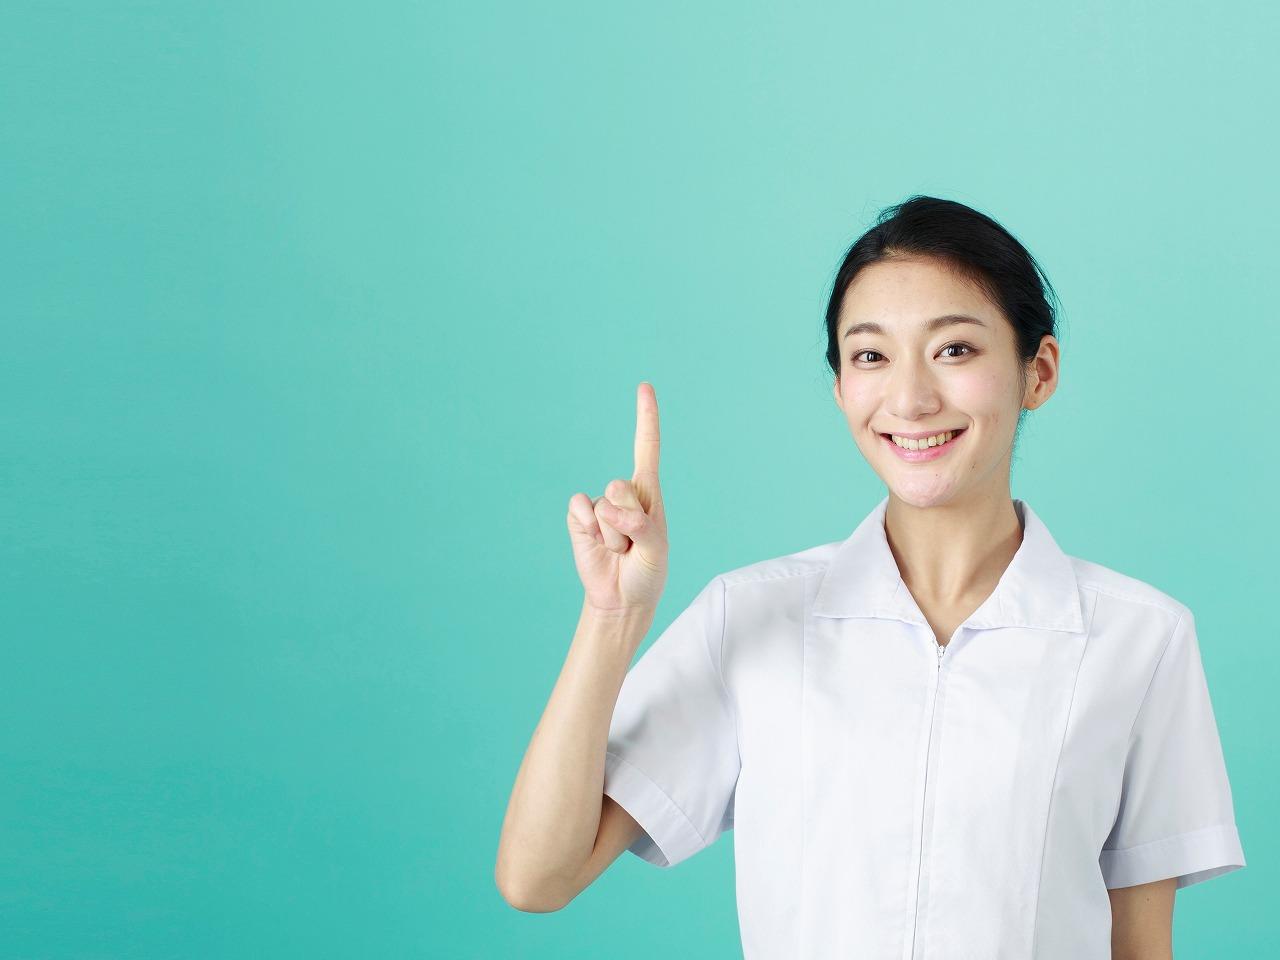 【横浜市旭区】看護派遣スタッフ募集☆きれいな介護付有料老人ホーム